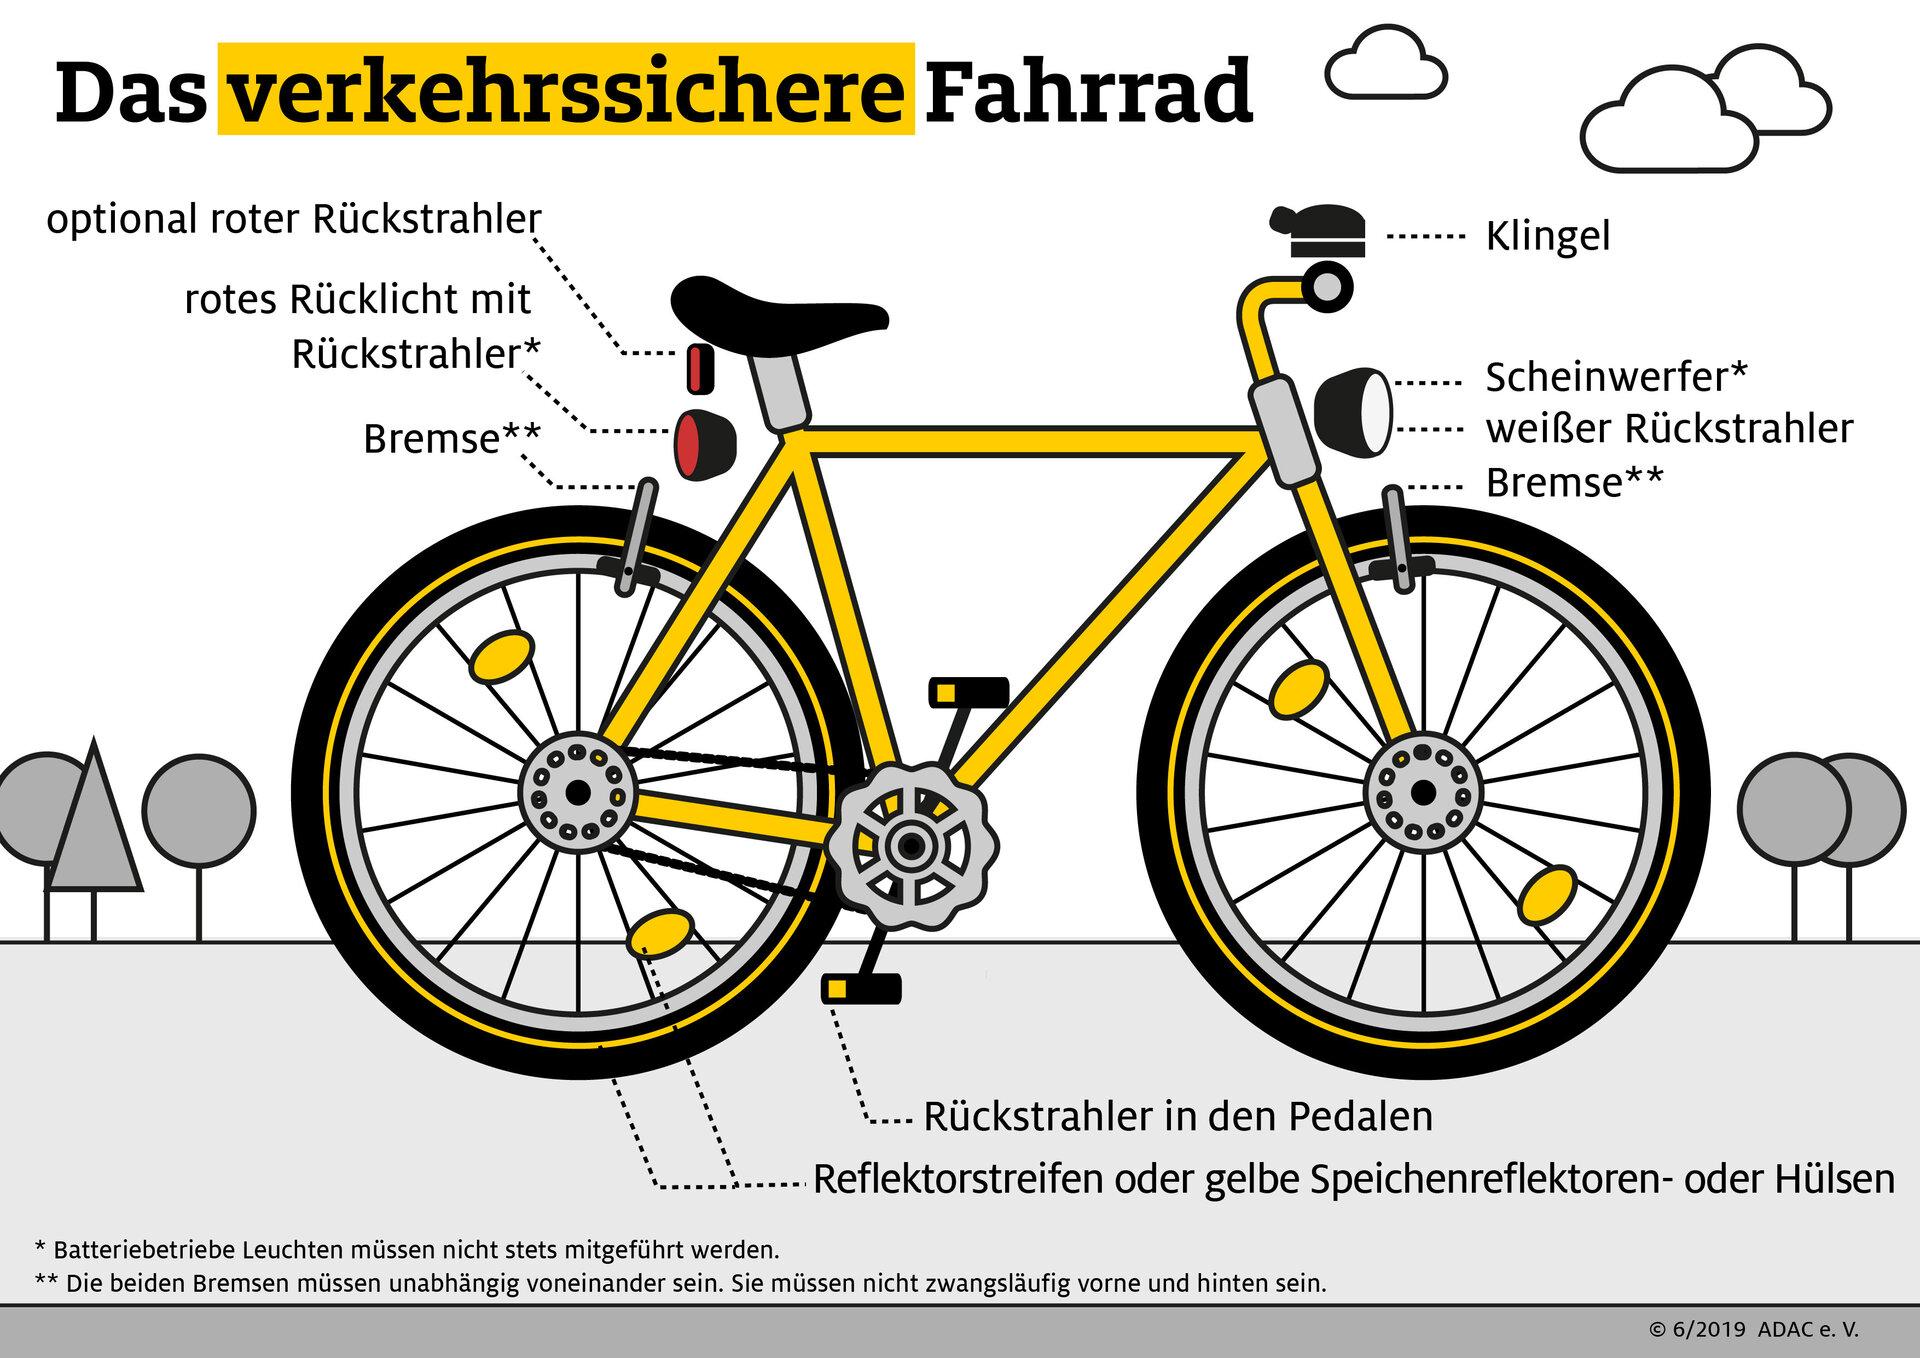 Ein verkehrssicheres Fahrrad